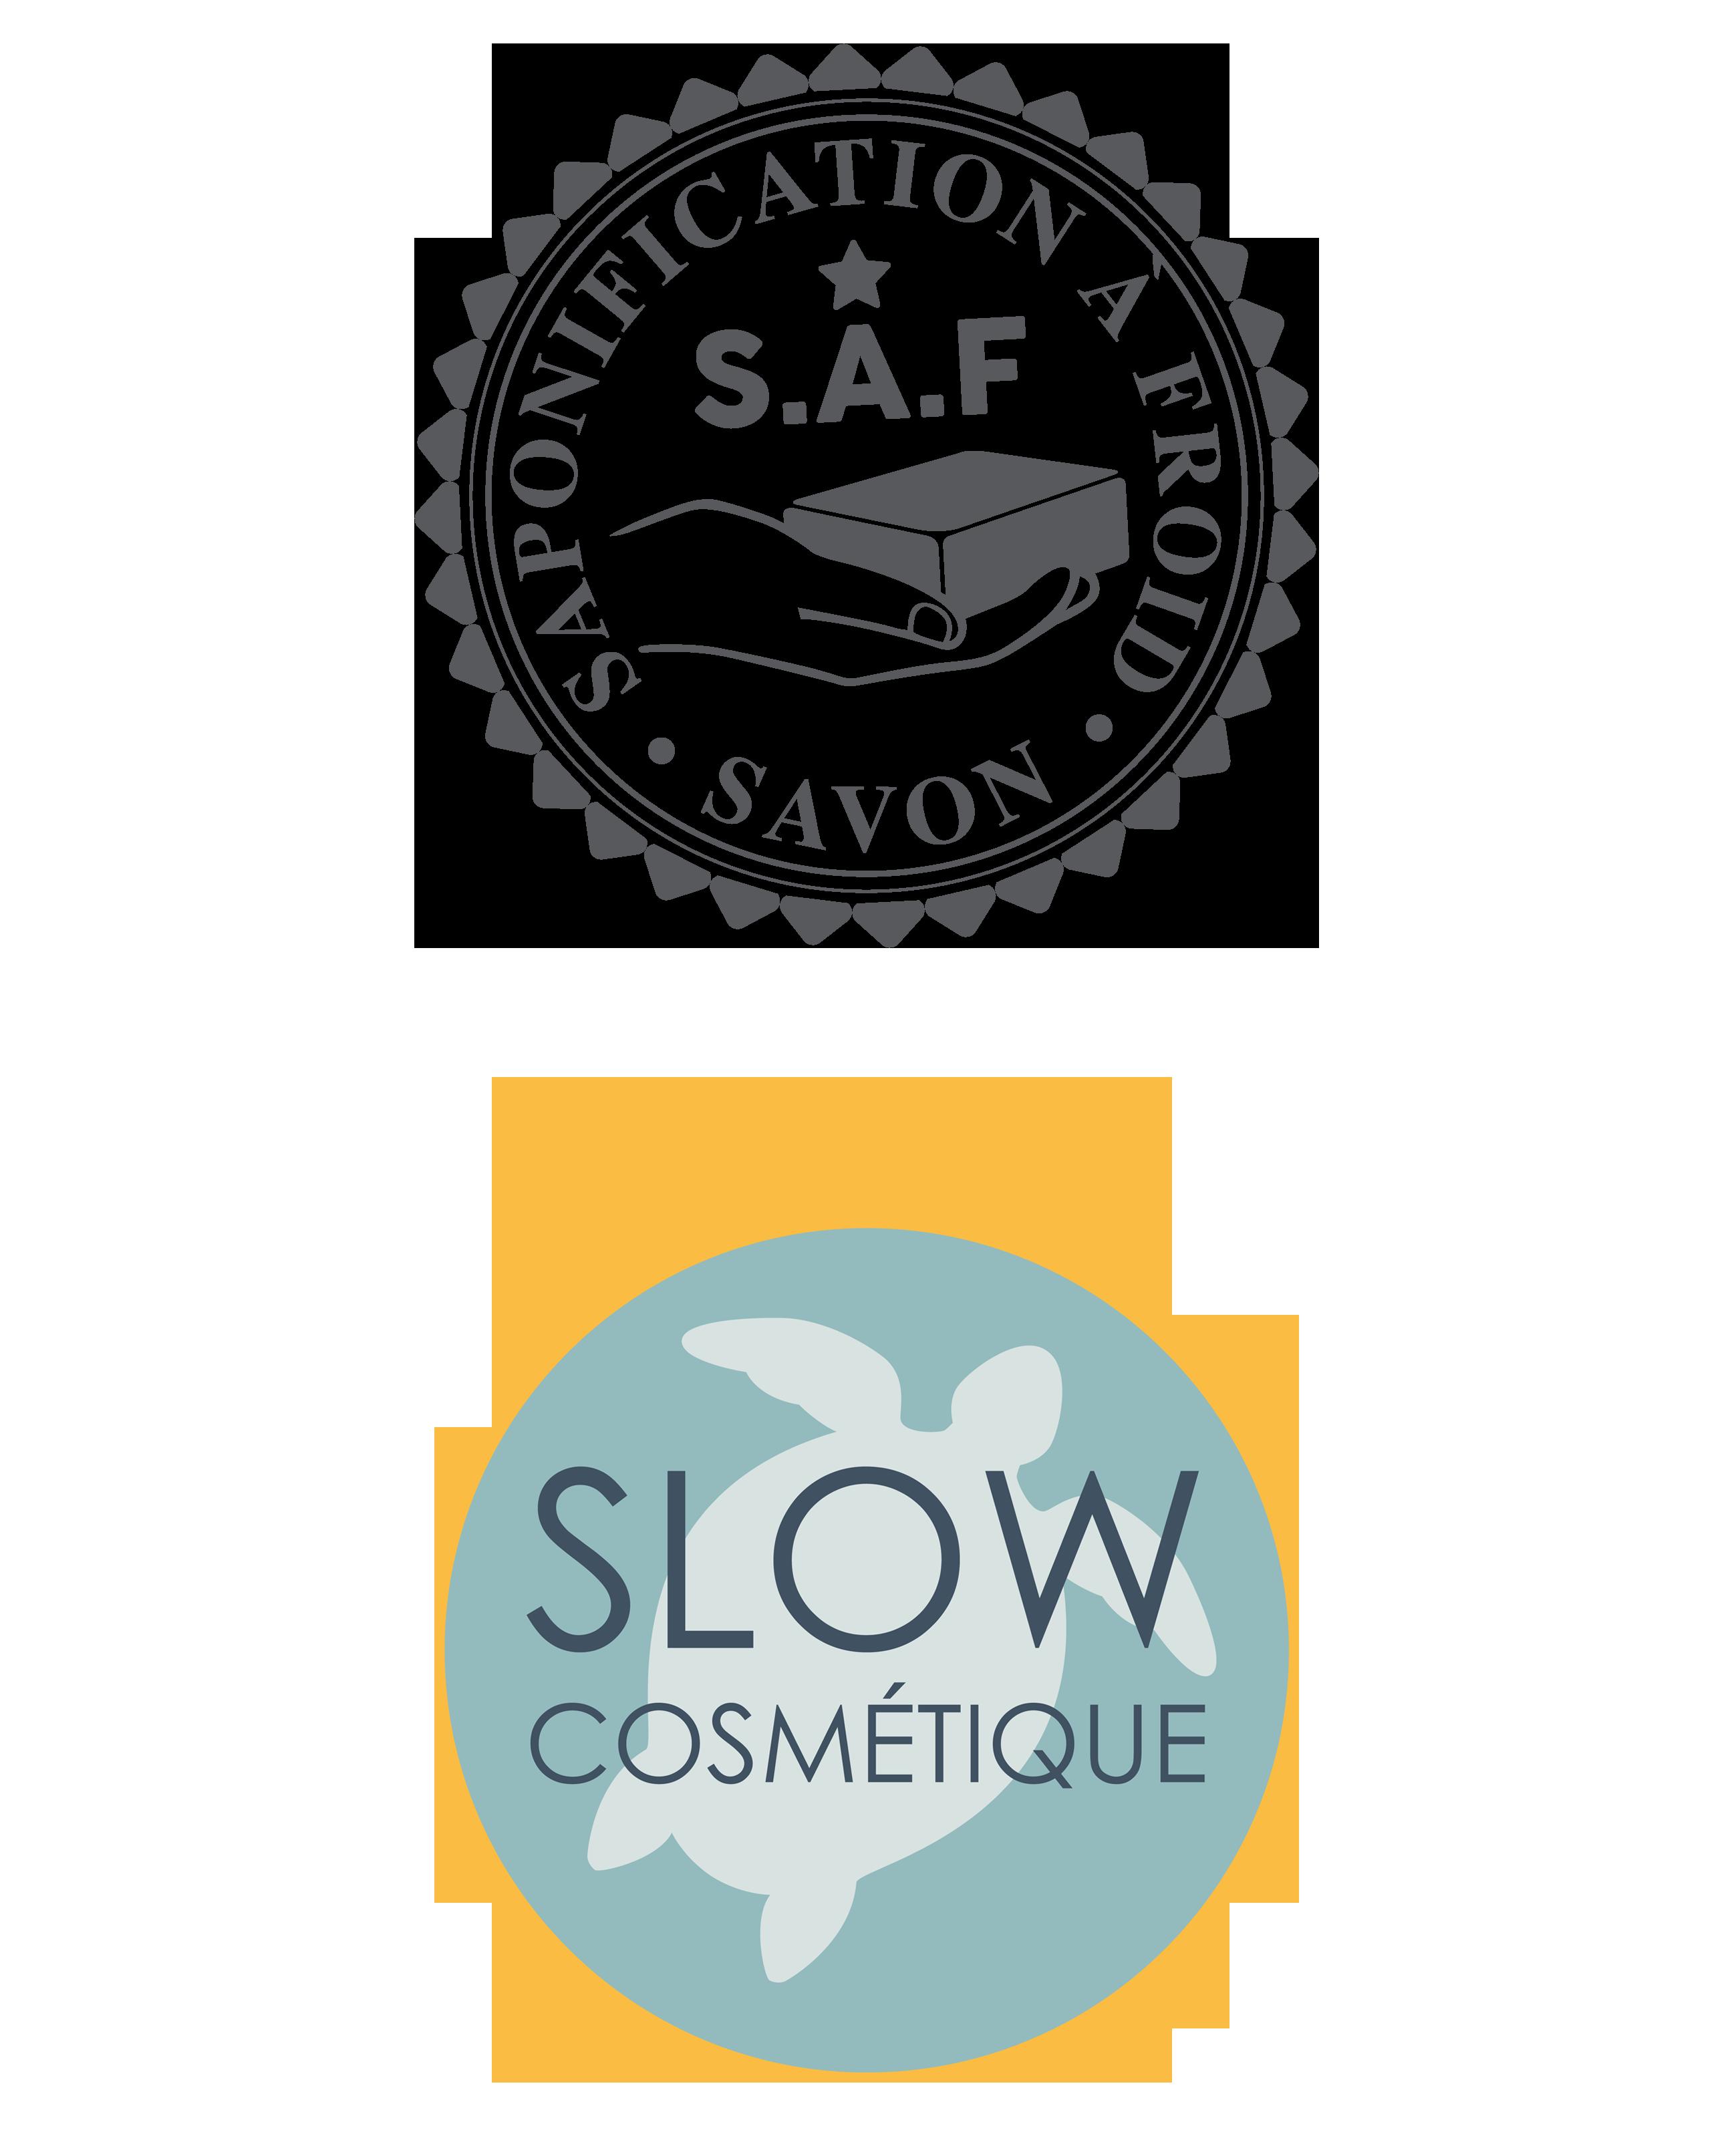 SAF - Slow Cosmétique